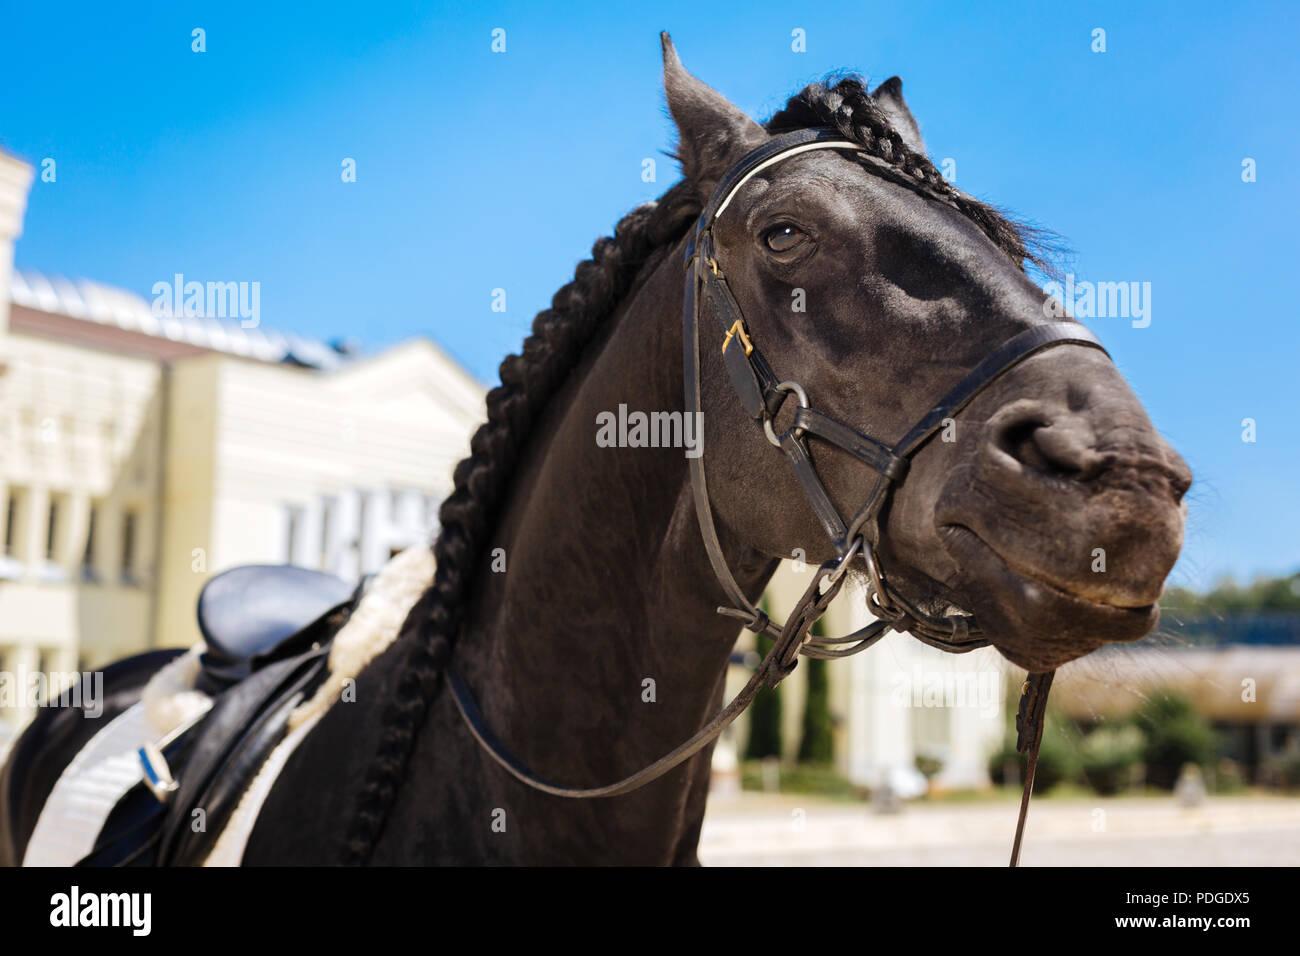 Nero dark-eyed cavallo remissivamente permanente sulla grande pista Immagini Stock